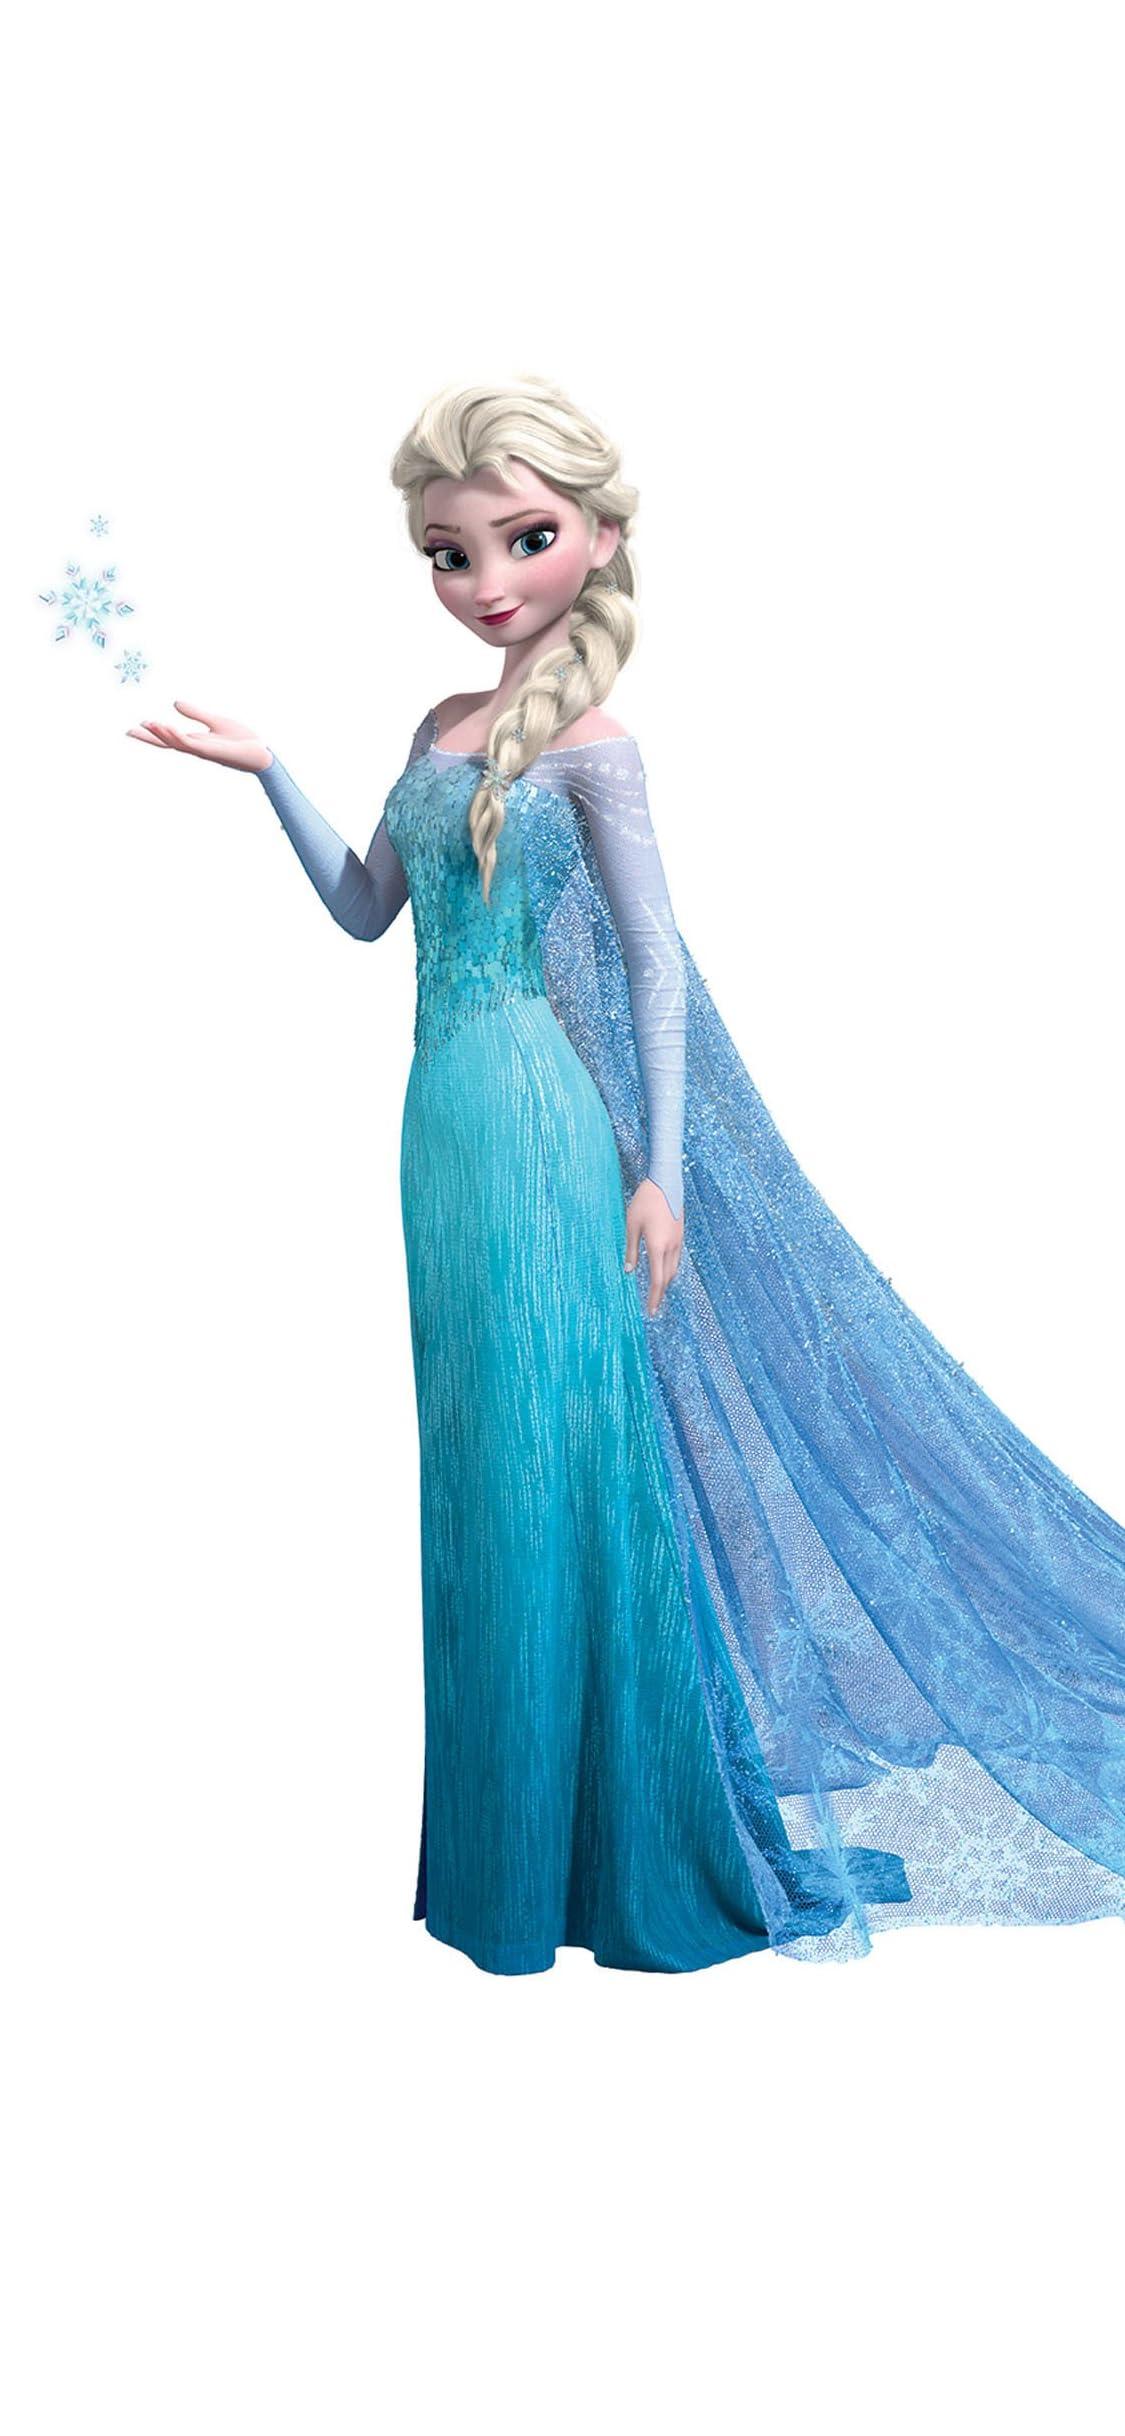 ディズニー エルサ (Queen Elsa of Arendelle)『アナと雪の女王』 iPhone X 壁紙(1125x2436) 画像73906 スマポ